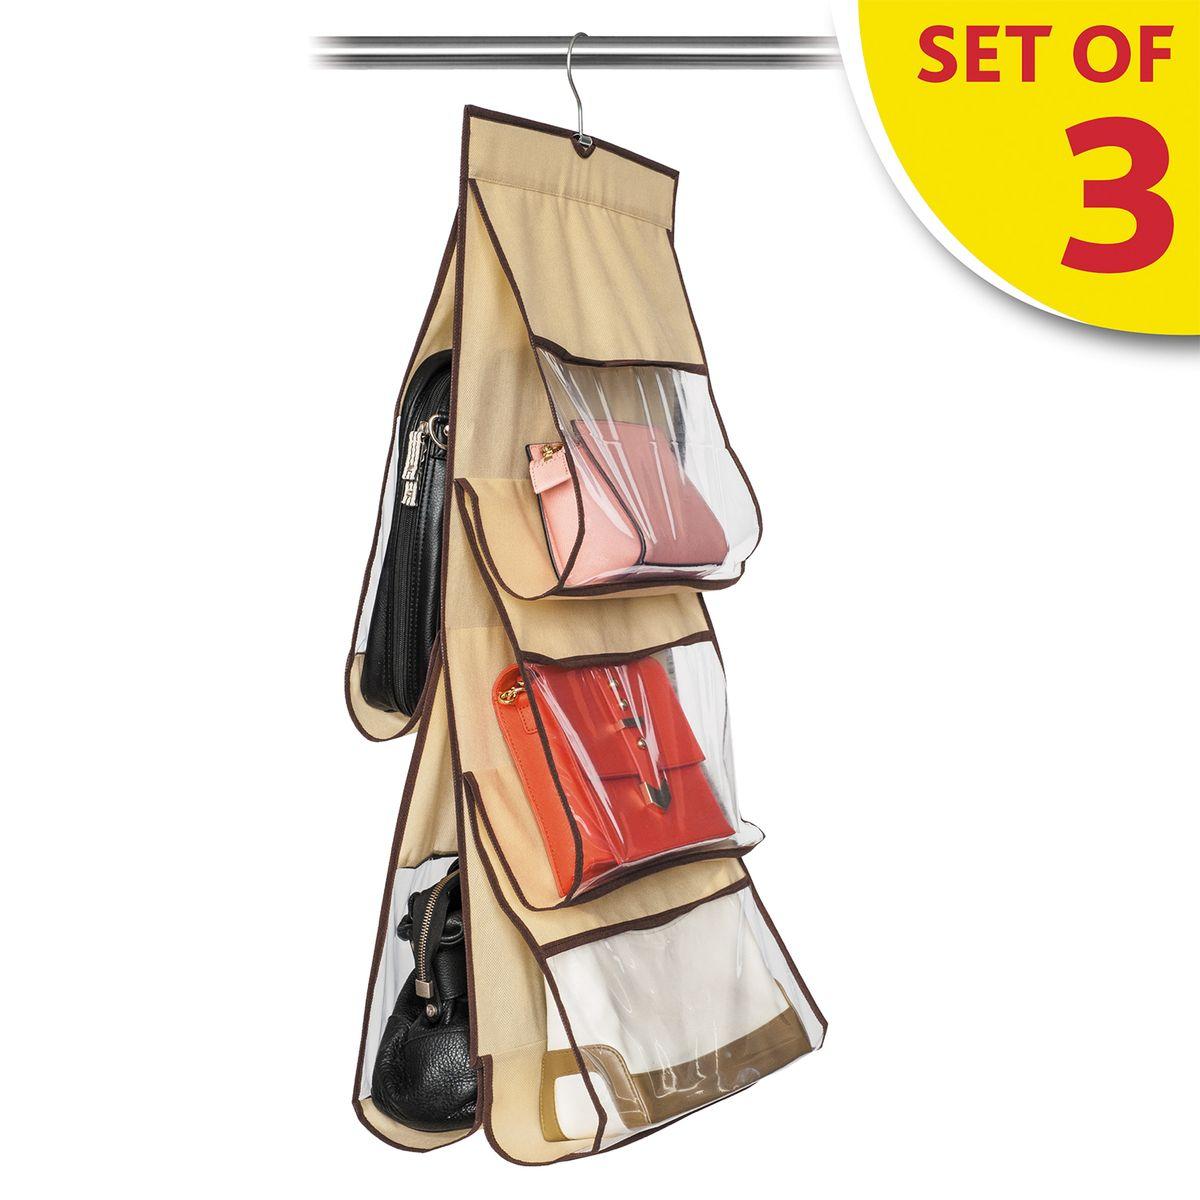 Набор органайзеров для хранения сумок в шкафу Tatkraft Kanga, 3 шт16149Tatkraft KANGA Набор из трех органайзеров для хранения сумок в шкафу. Двусторонний, 5 чехлов-отделений: 2 больших, 3 средних. Мягкий материал защищает кожу от повреждений, прозрачное окошко облегчает поиск сумки. Компактное, удобное и бережное хранение. Размер: 39?84 см.